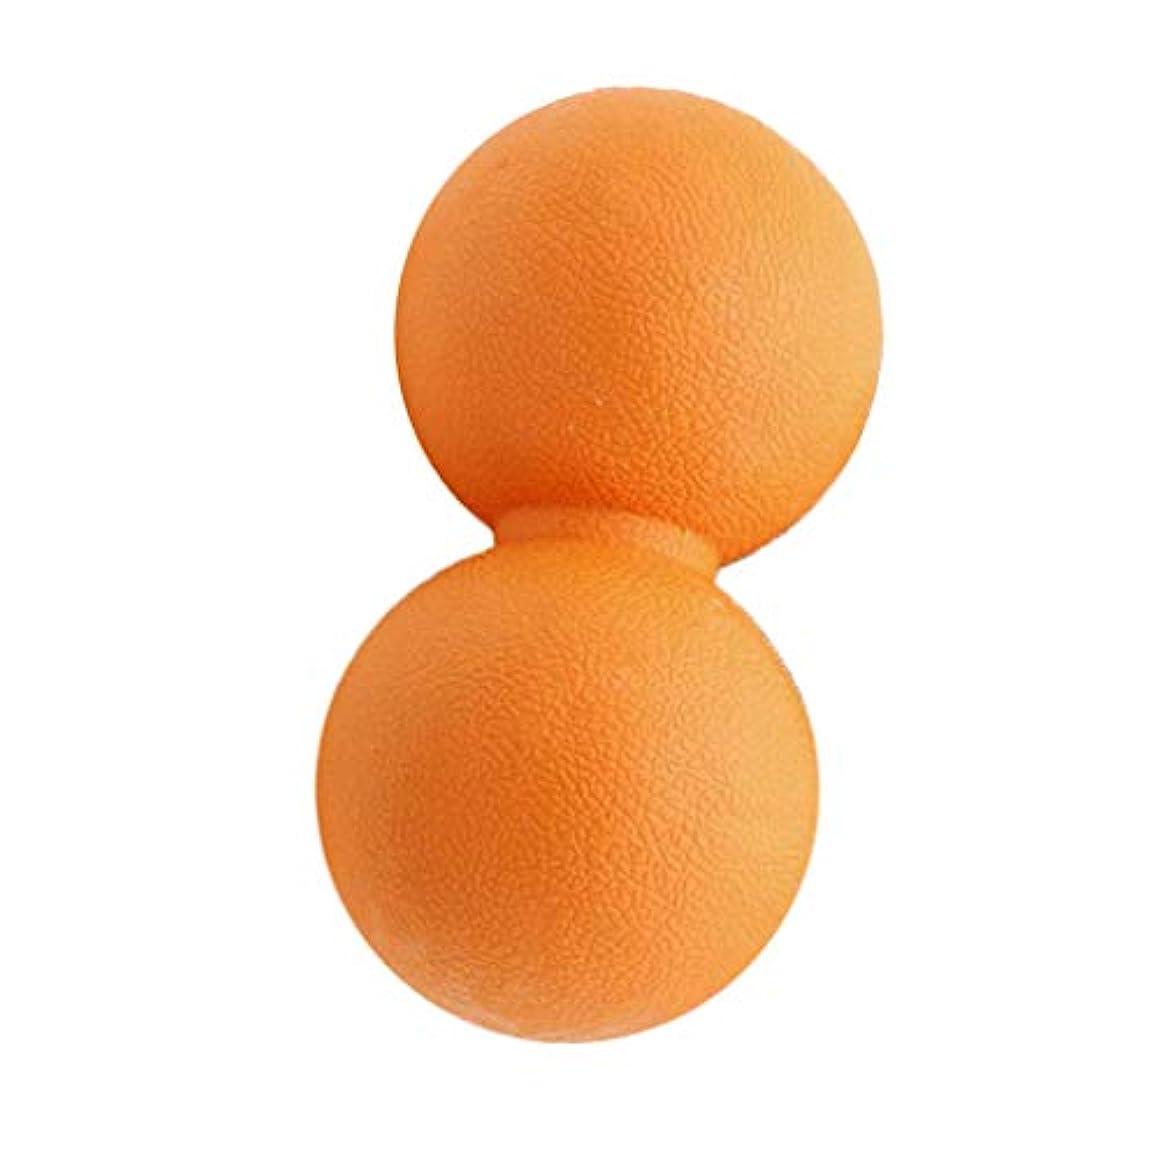 日光雇ったそれに応じてCUTICATE 全2色 マッサージボール ピーナッツ ツボ押しグッズ 疲れ解消ボール 筋膜リリース 筋肉疲労回復 - オレンジ, 13cm